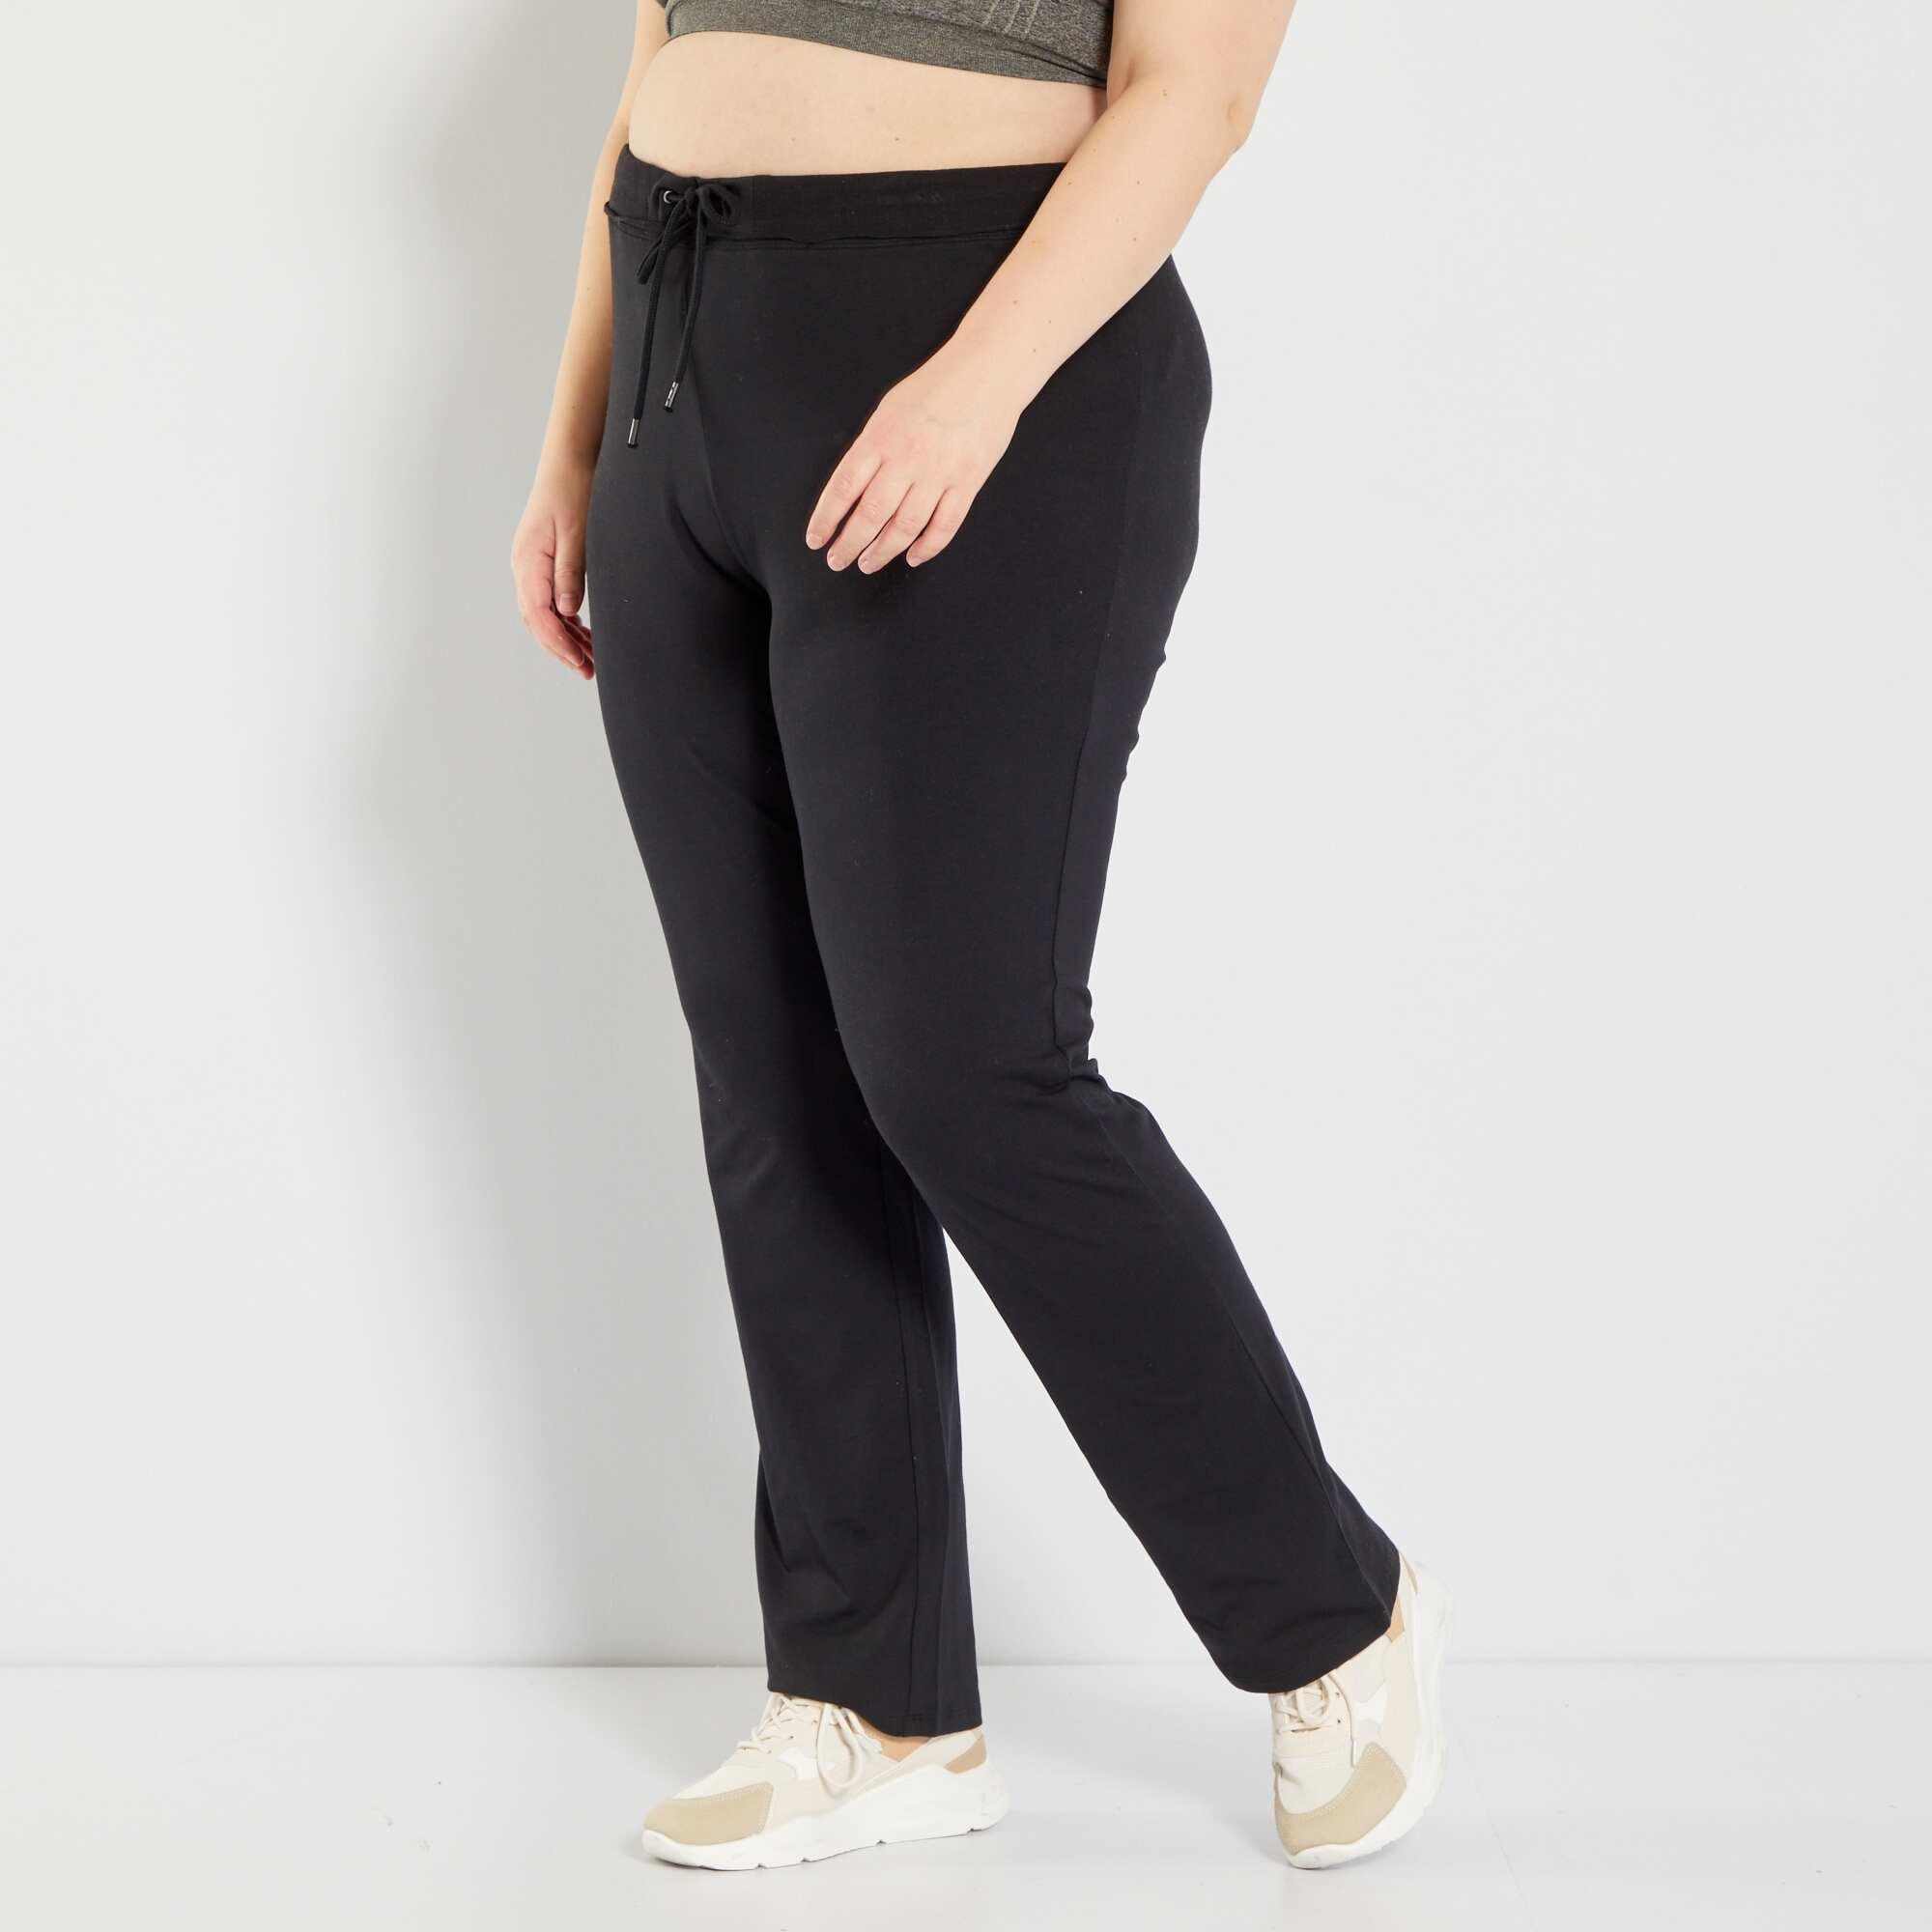 Couleur : noir, , ,, - Taille : 48, 58, 56,50,52Pour le sport ou la détente, ce pantalon vous apportera un confort optimal. -